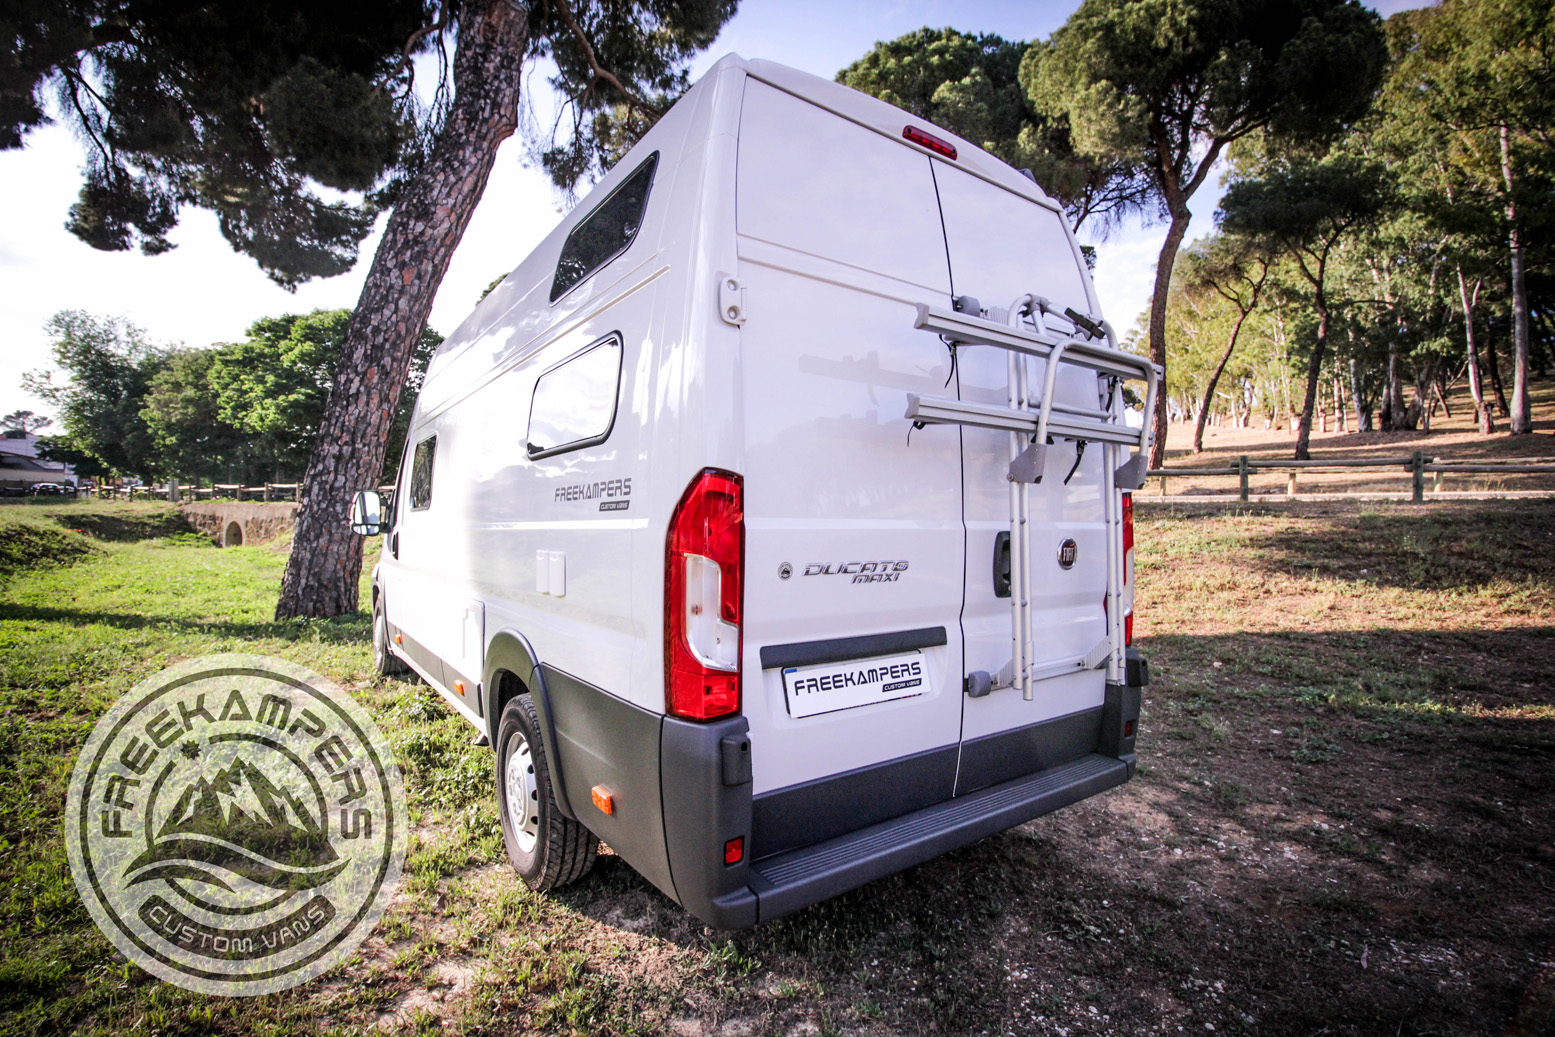 Instalación Portabicis furgoneta freekampers